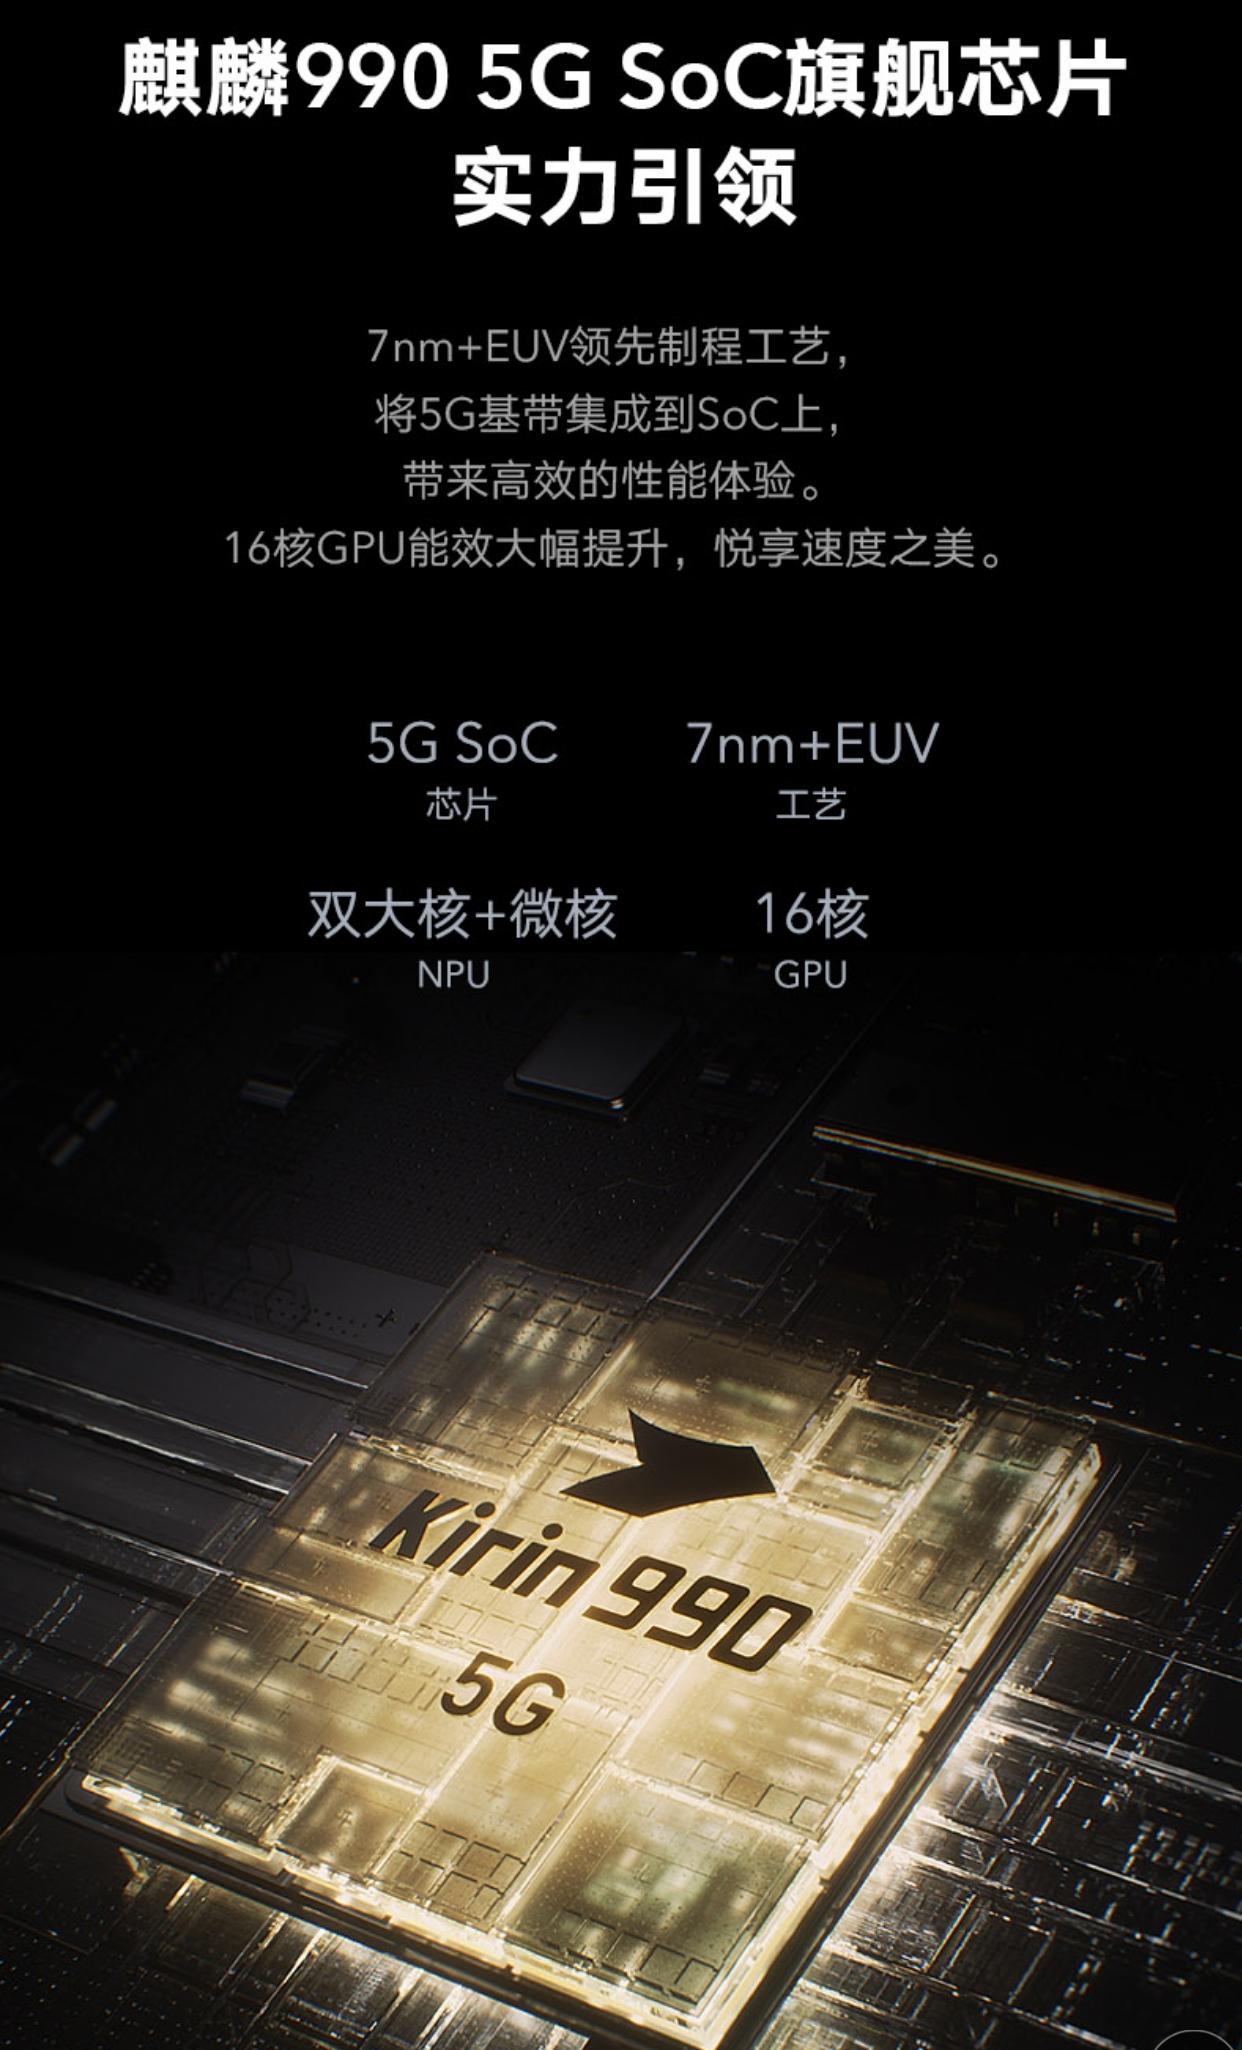 Screenshot_20200516_031142_com.tencent.mtt.jpg